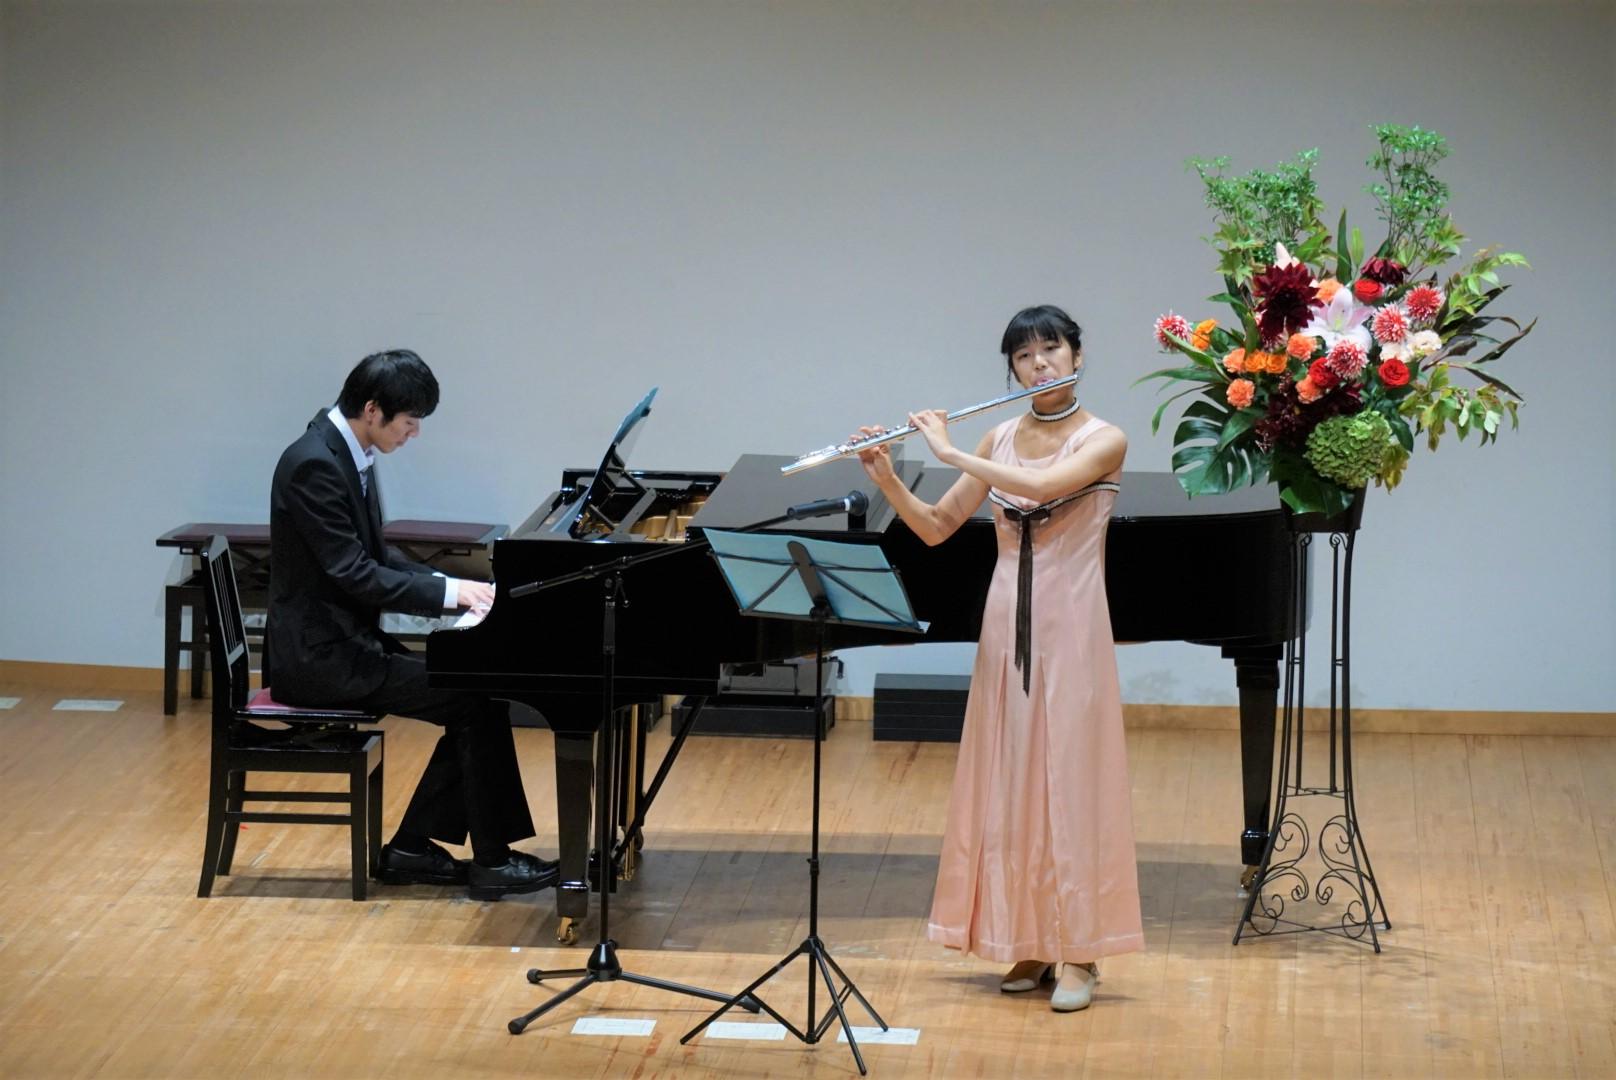 2018年10月27日 奏の会ピアノ発表会 フルートとピアノのアンサンブル